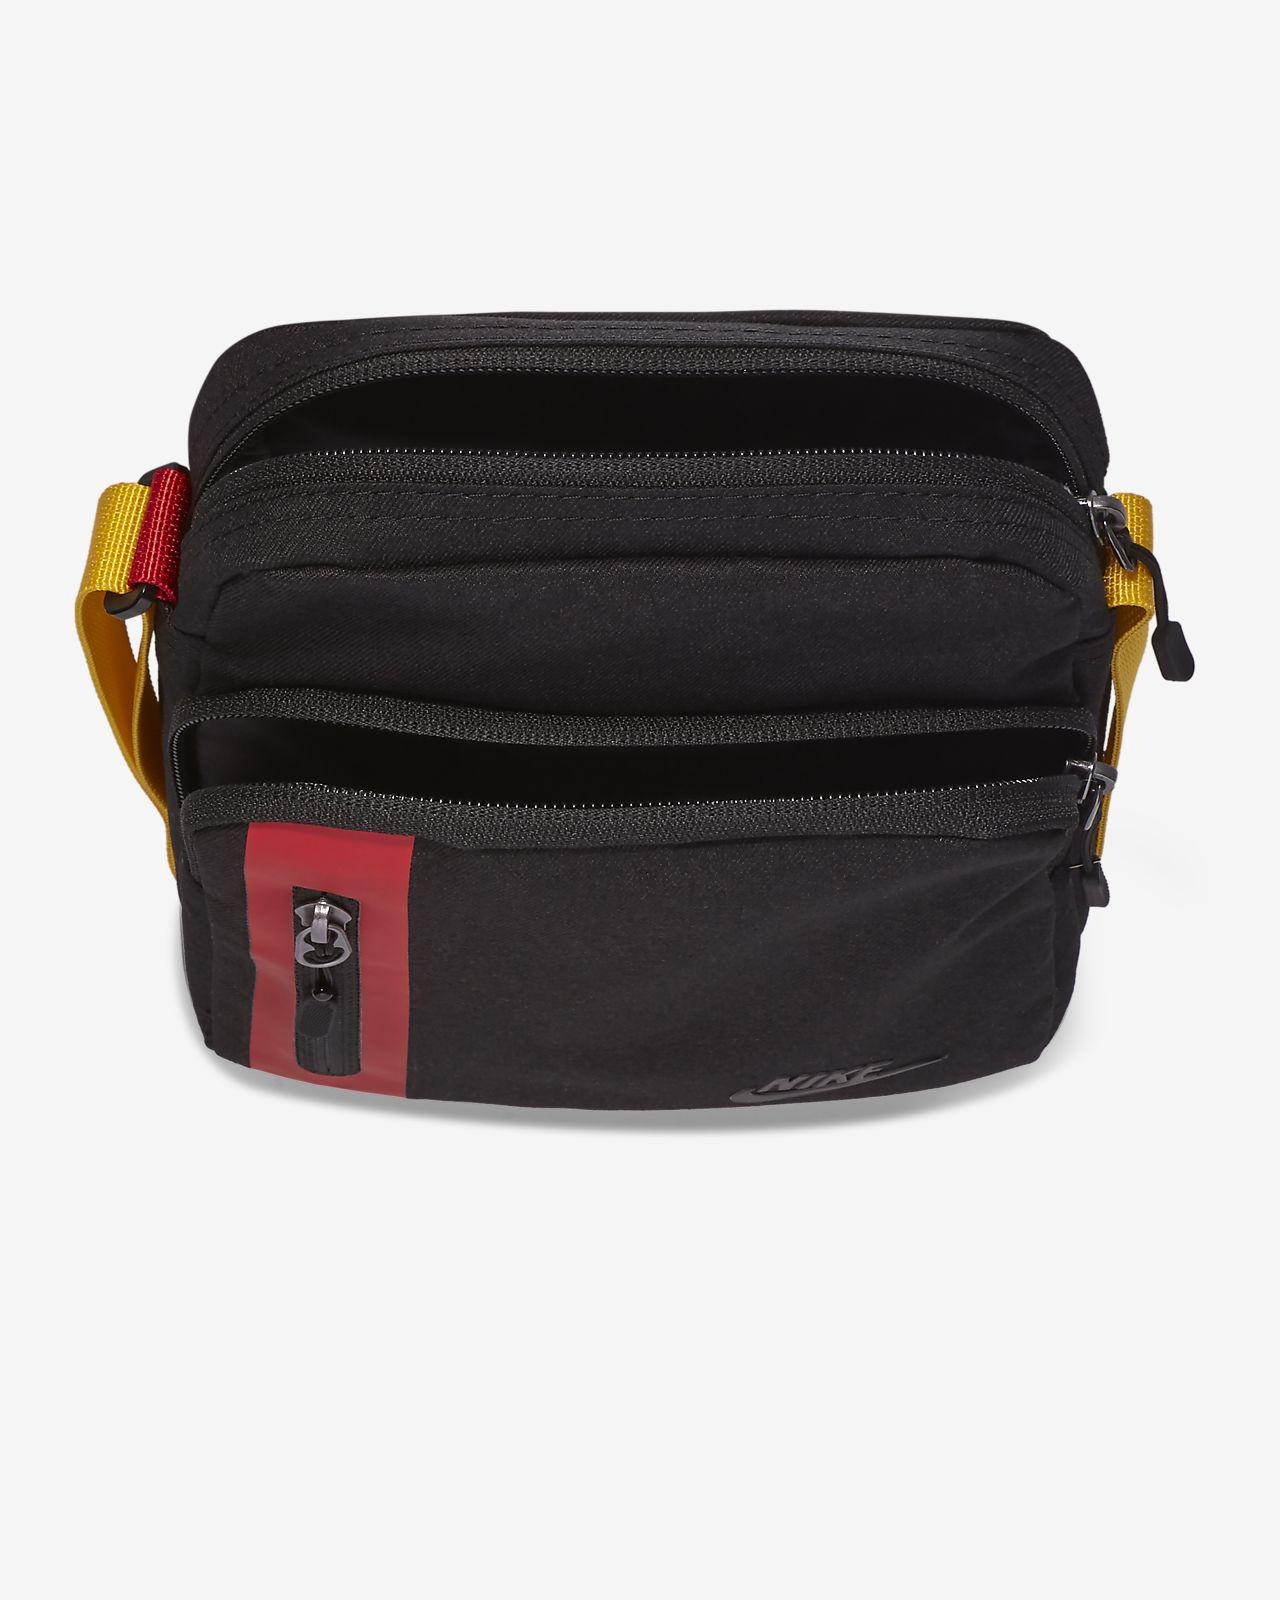 4da09f0709867 Nike Core Small Items 3.0 Tasche. Nike.com DE